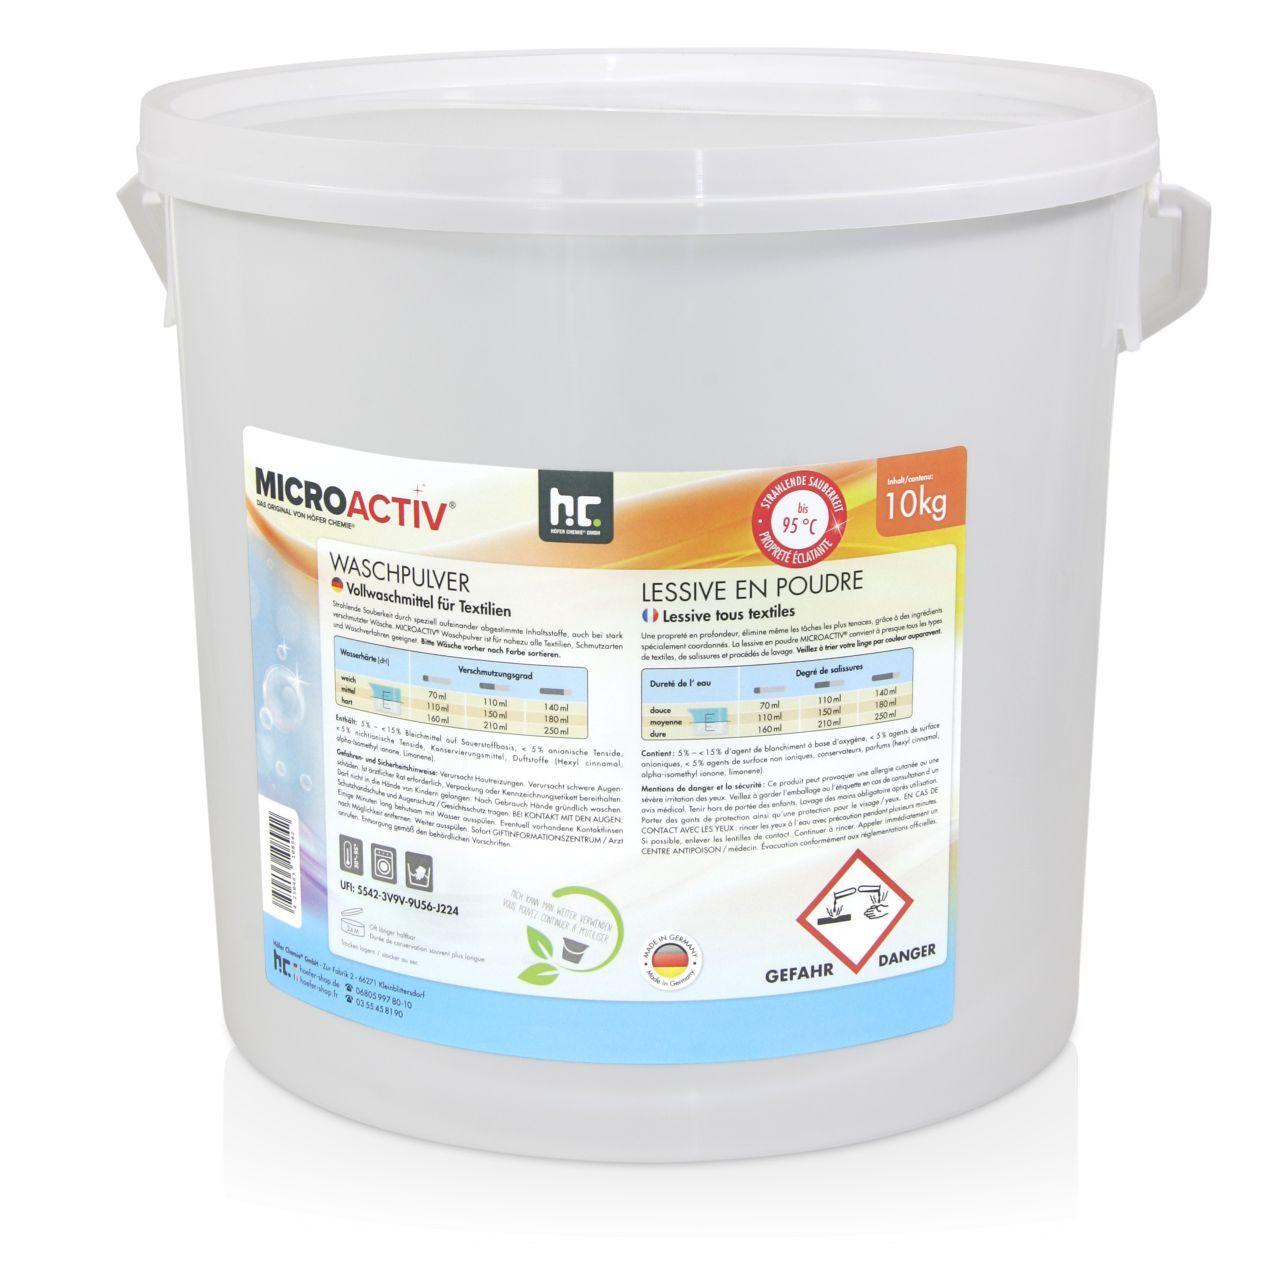 Höfer Chemie 20 kg Lessive en poudre (2 x 10 kg)